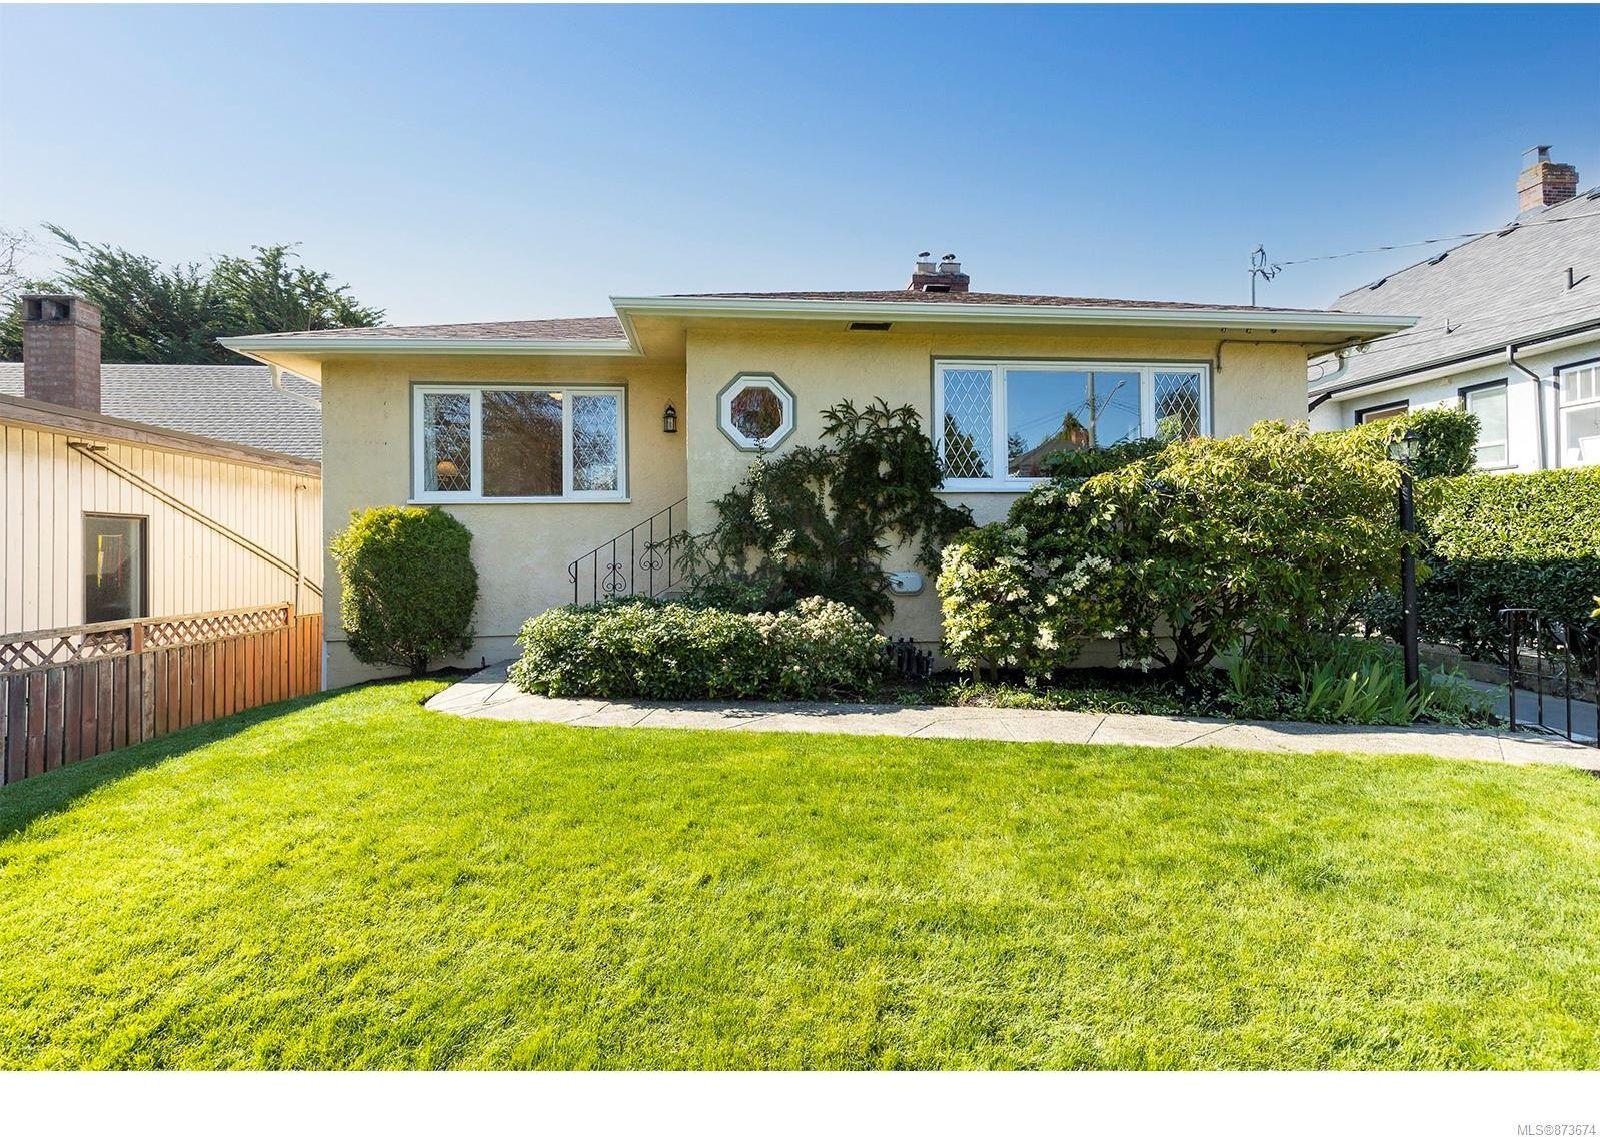 Main Photo: 2171 Lafayette St in : OB South Oak Bay House for sale (Oak Bay)  : MLS®# 873674